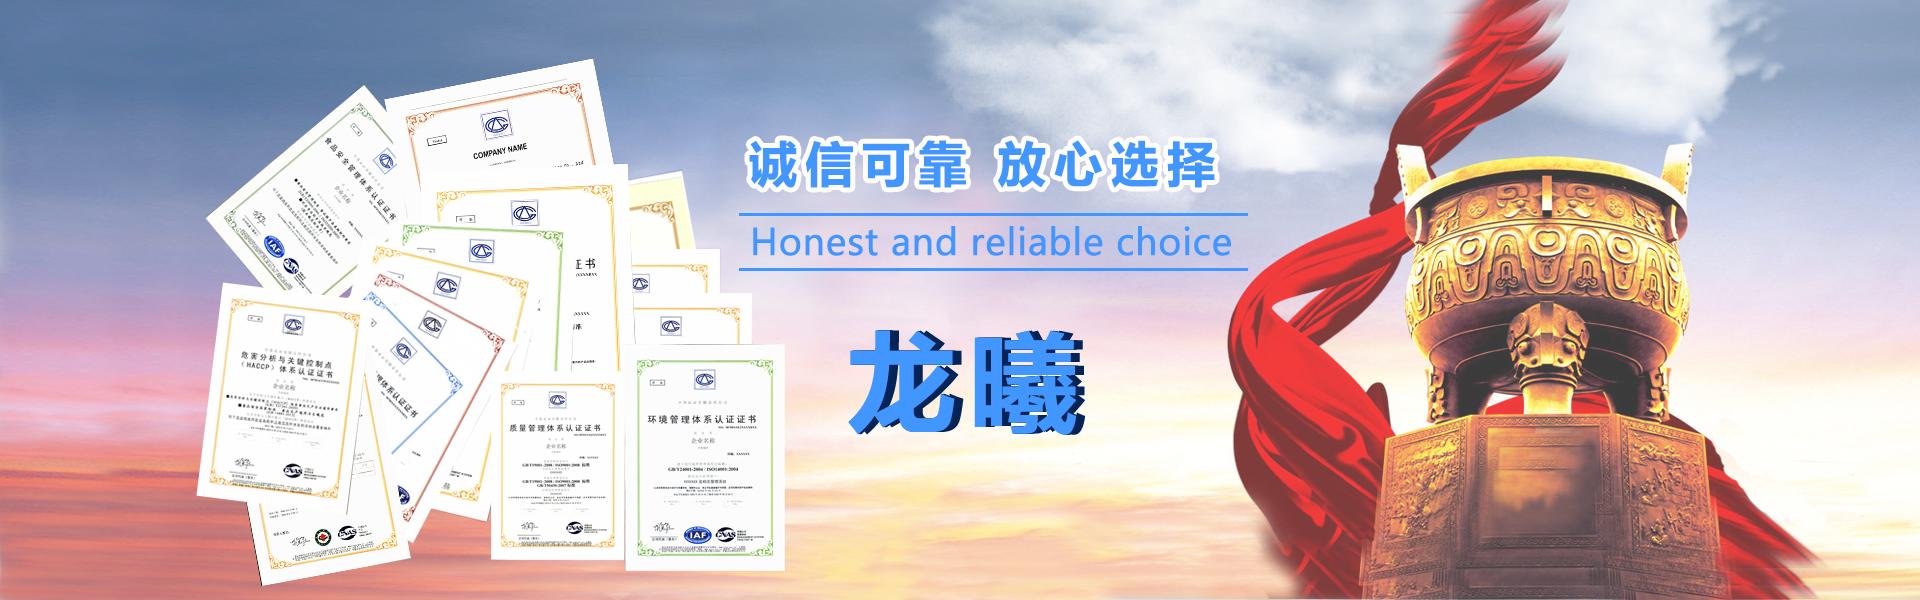 重庆龙曦ISO认证公司值得大家放心选择